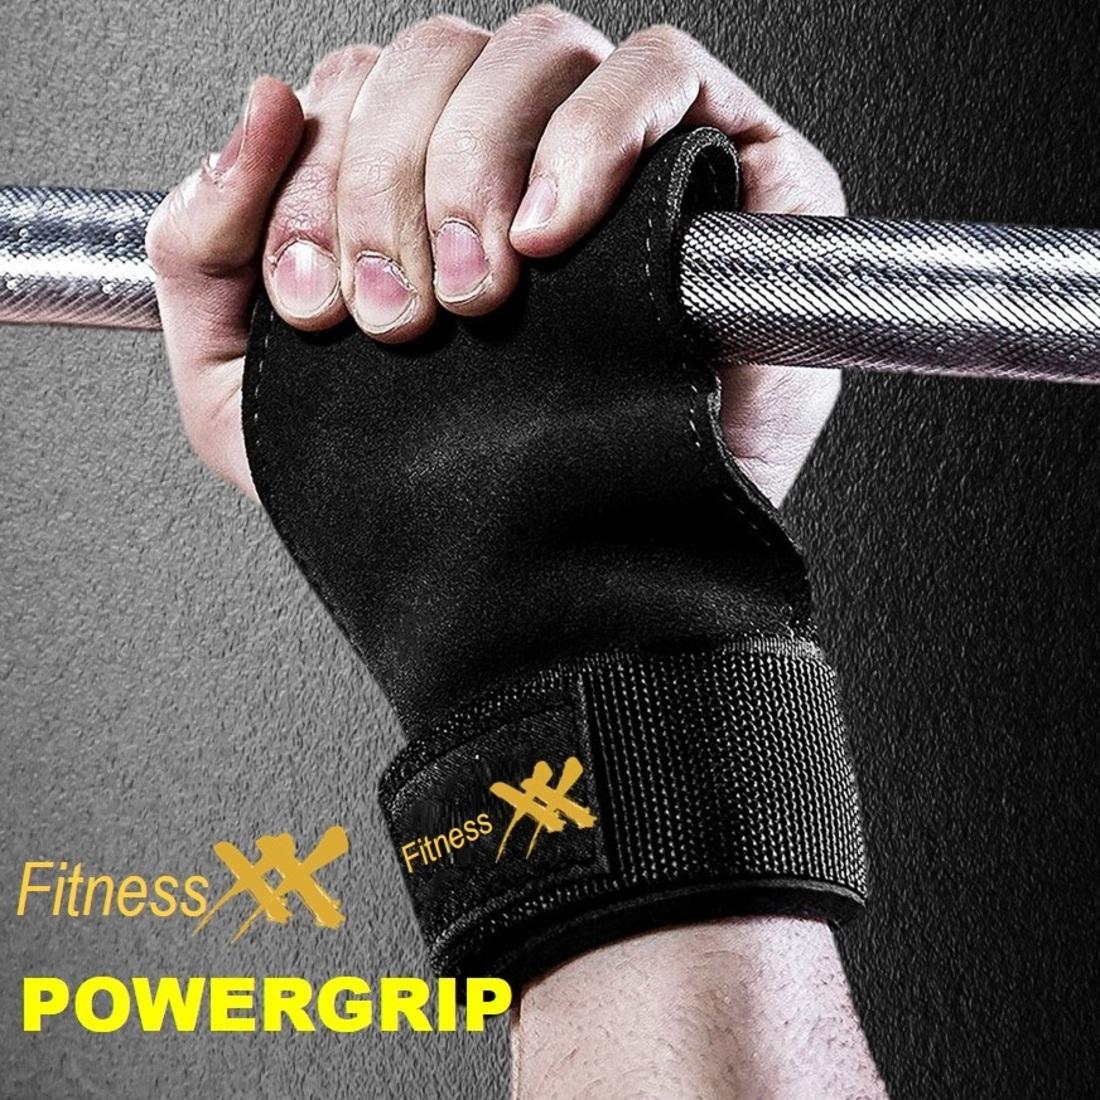 トレーニング時の手首と握力を強力にサポートするパワーグリップ パワーグリップ 滑り止め 筋トレ 注目ブランド ウエイトトレーニング リストラップ トレーニンググローブ チンニング 在庫あり デッドリフト ベンチプレス 左右ペアセット